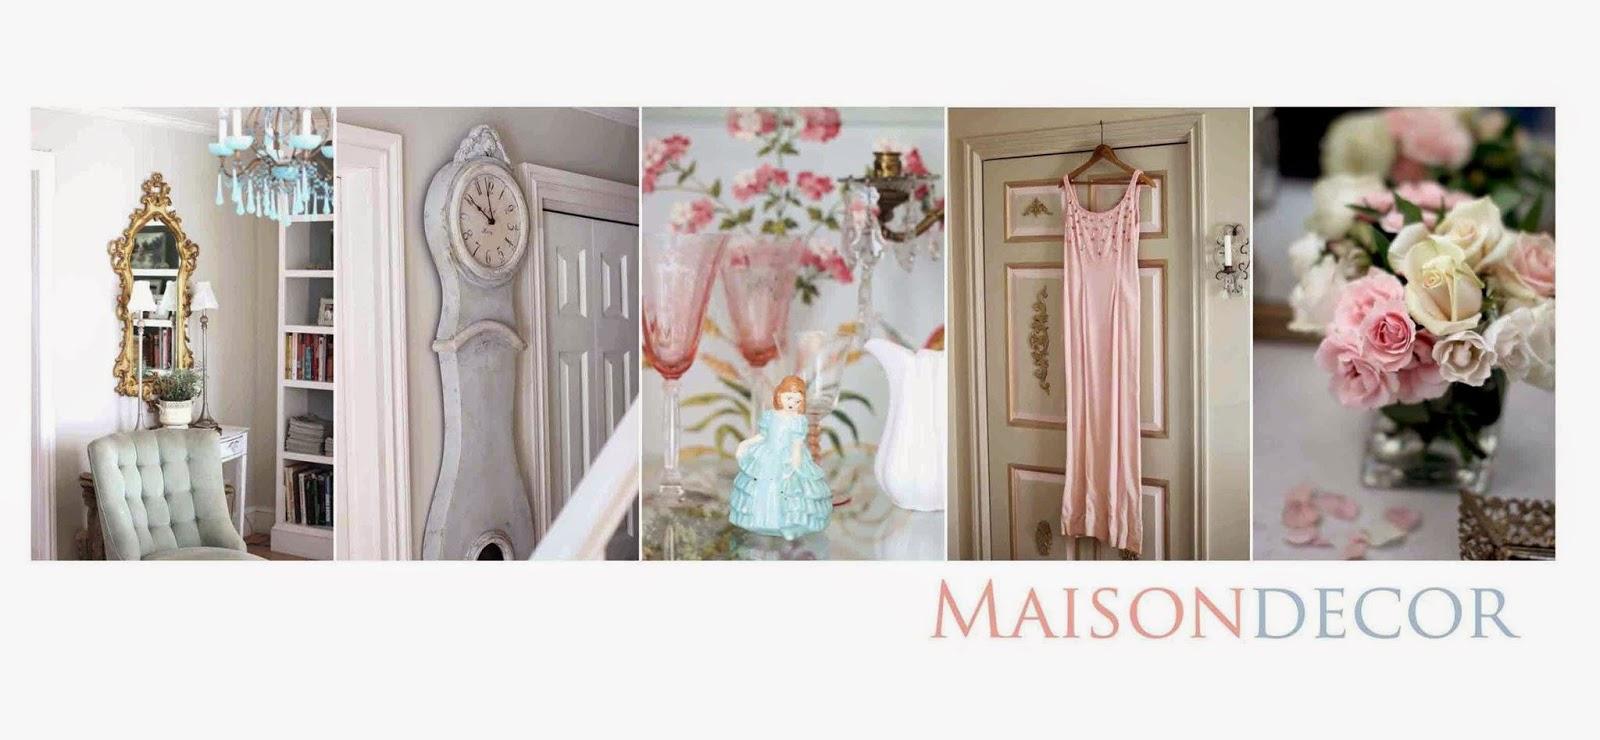 Maison Decor: My Home